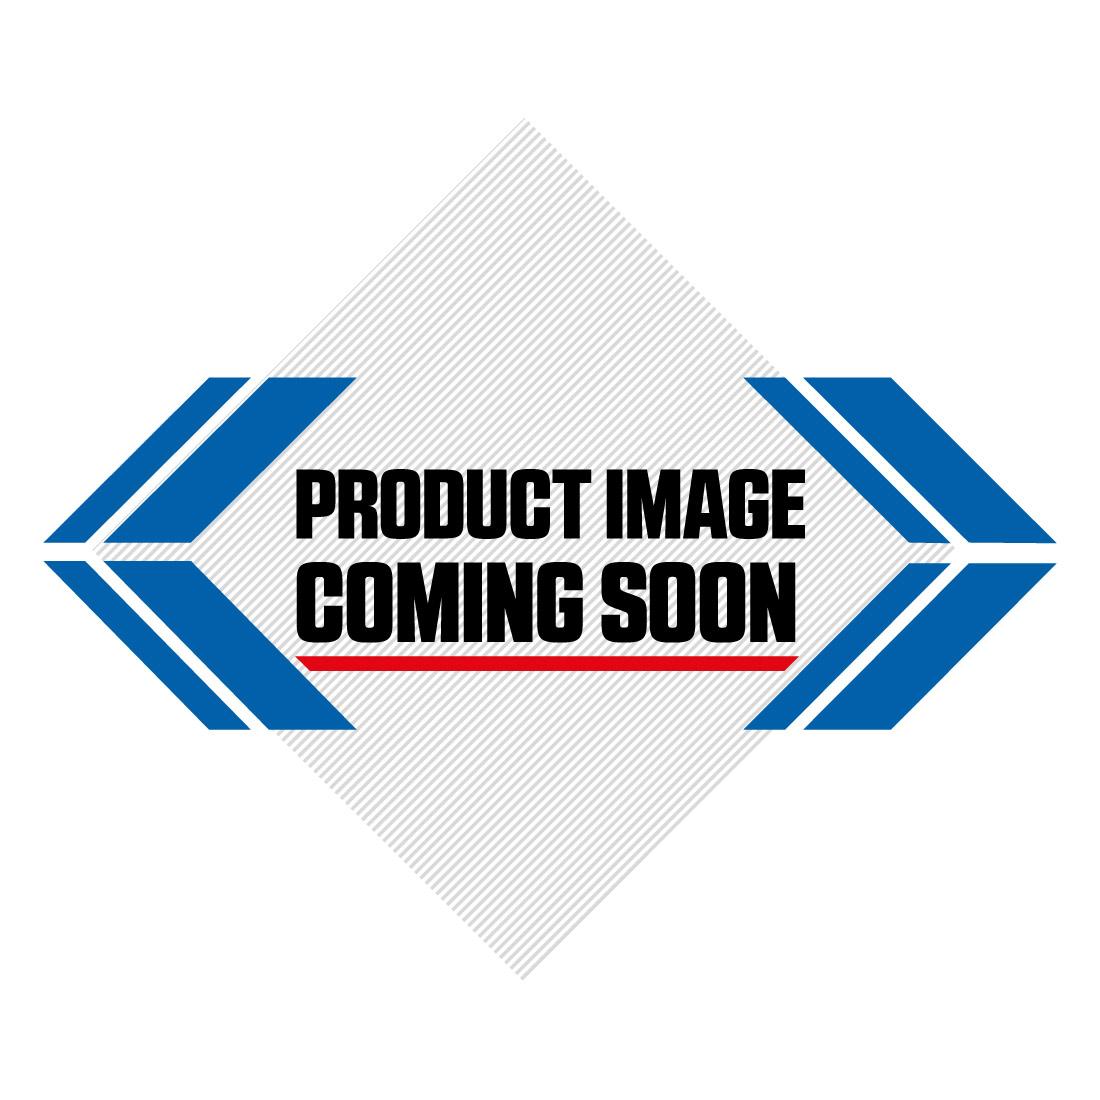 DJI RoboMaster S1 UK Version